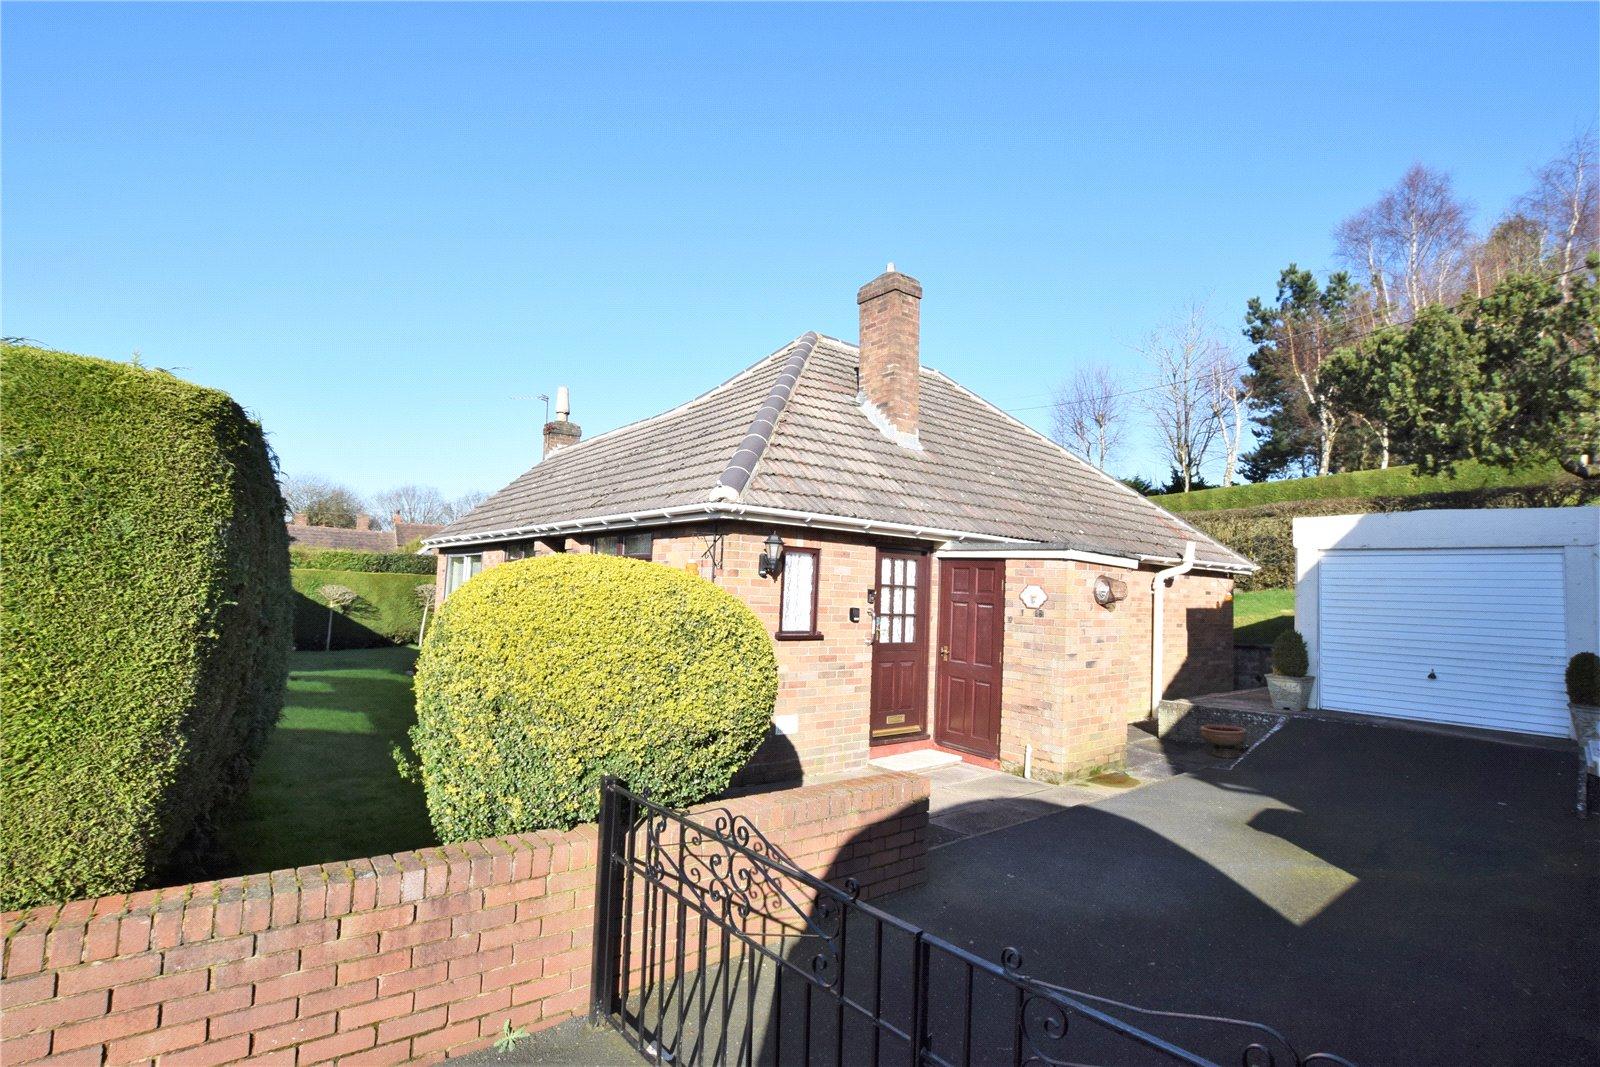 Fourwinds, Princes End, Dawley Bank, Telford, Shropshire, TF4